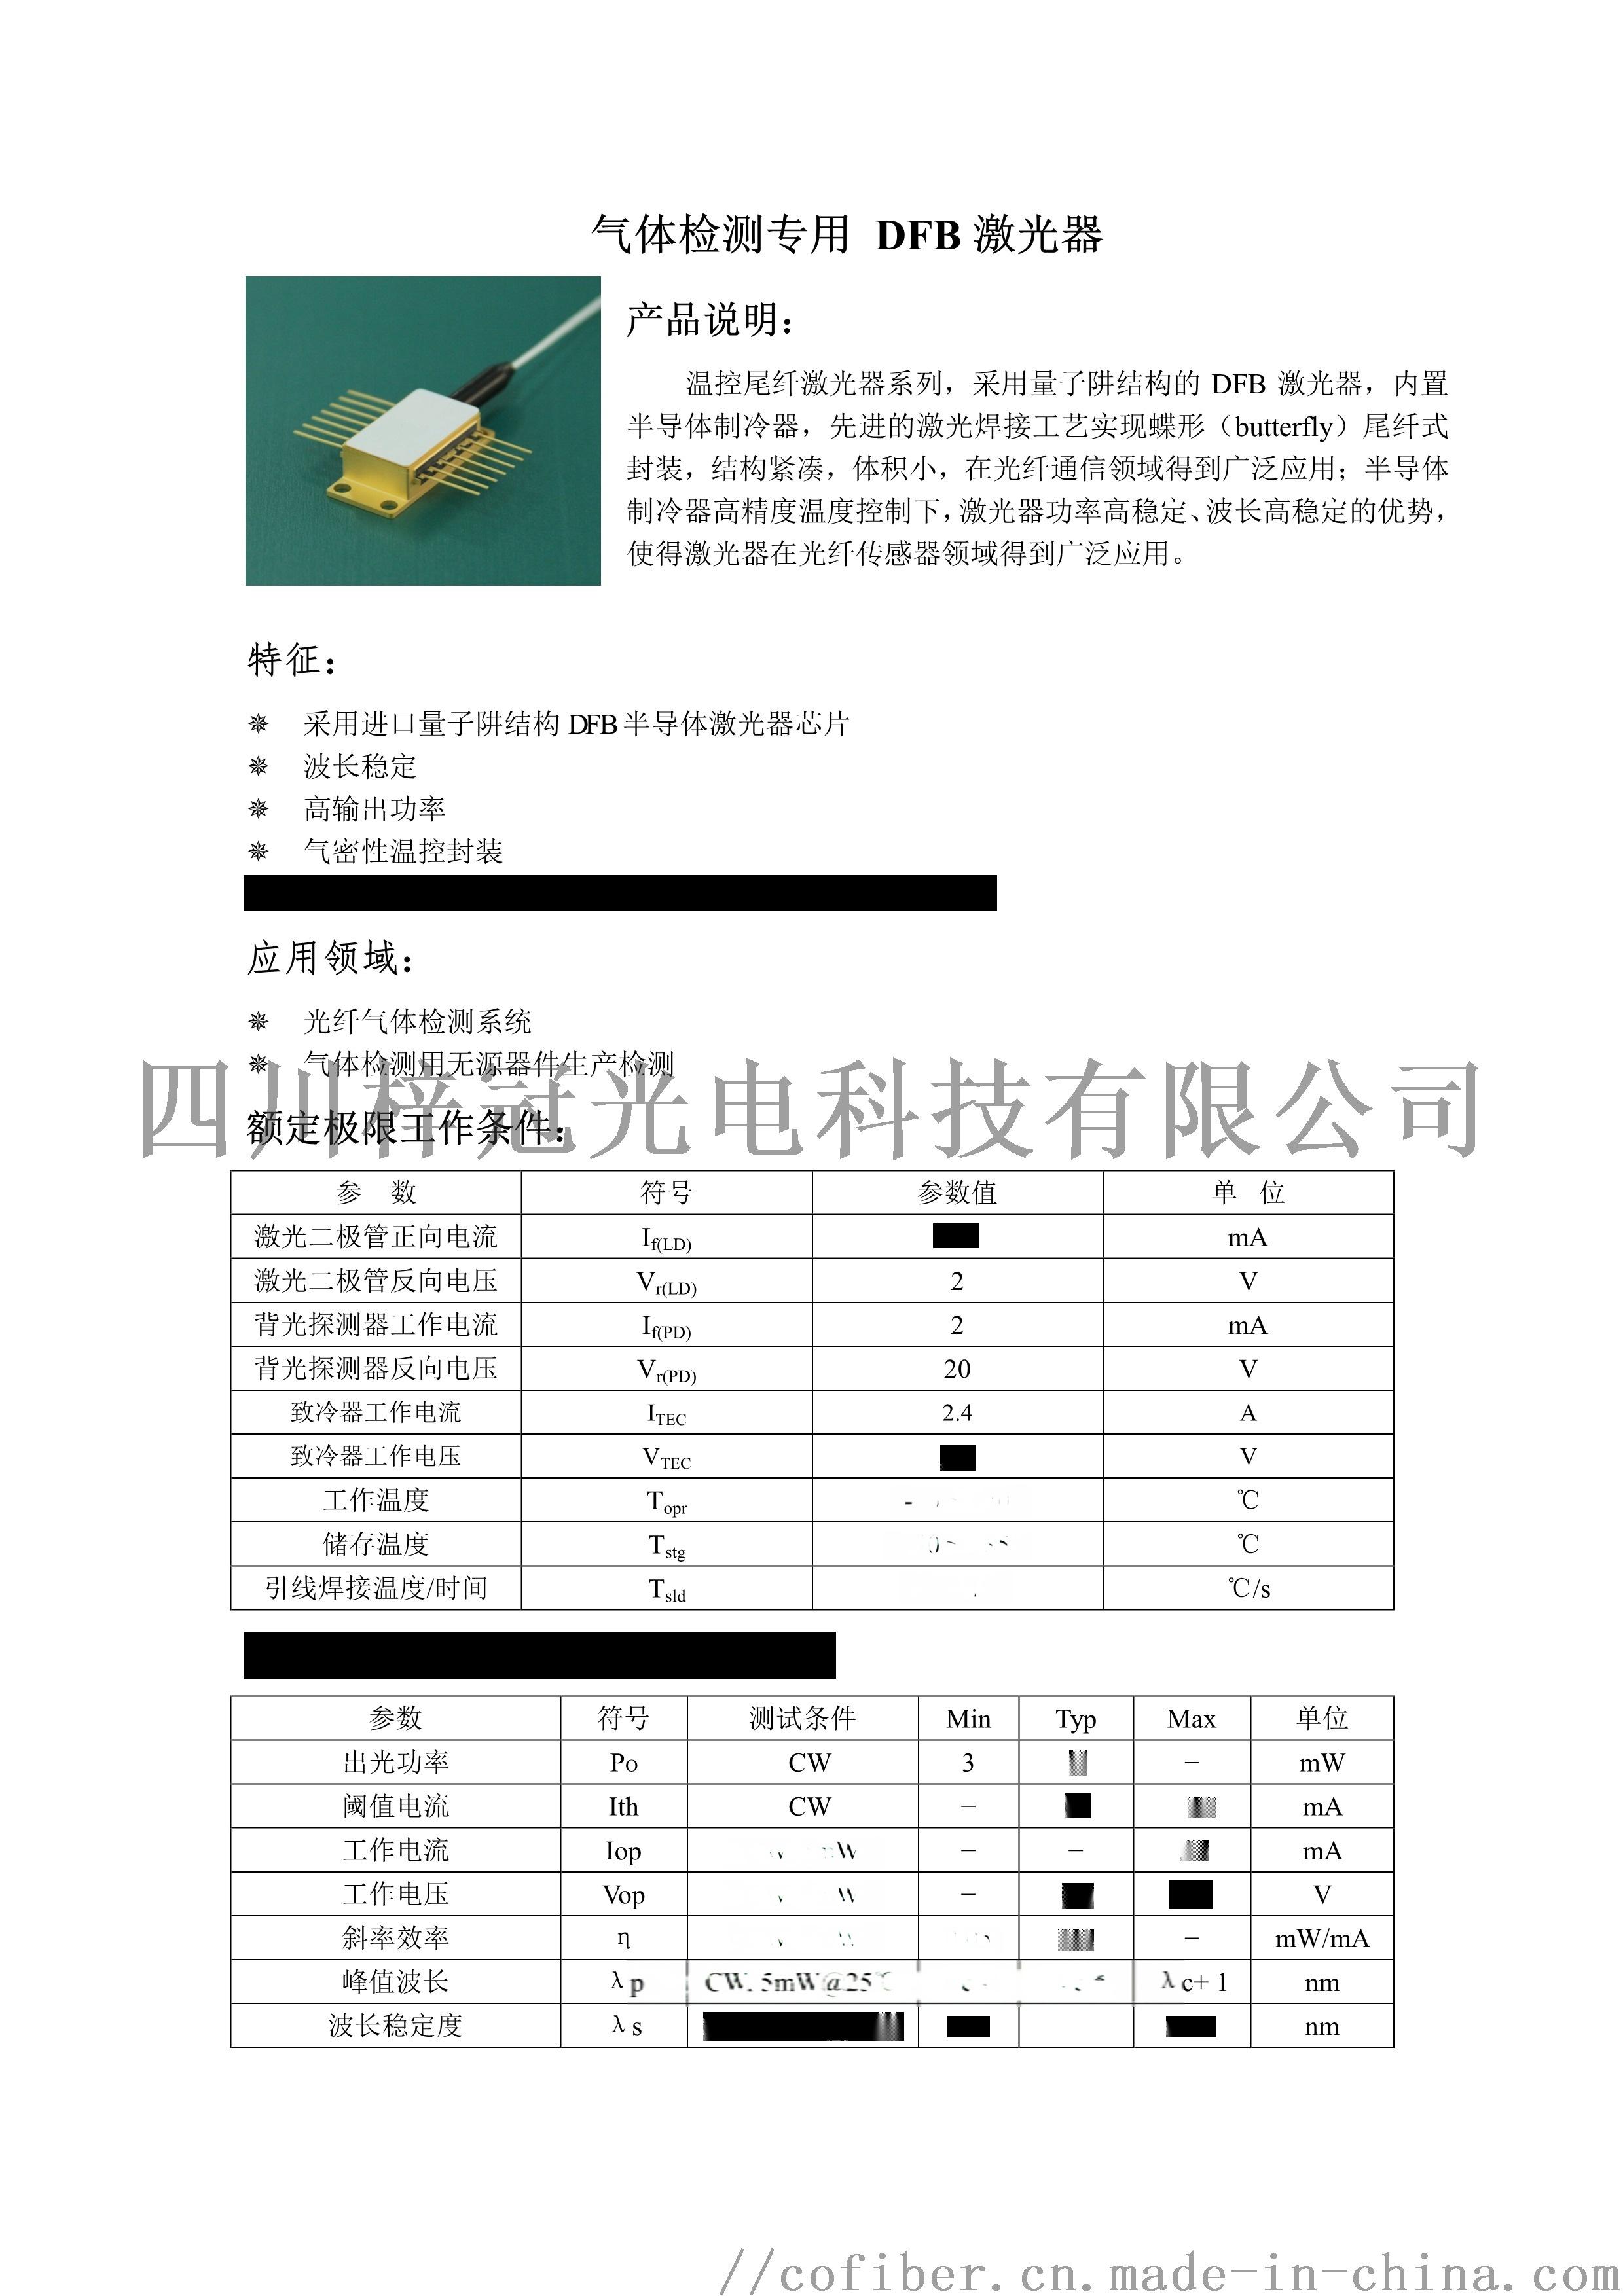 DFB蝶形激光器-气体检测V01(1)1392_1.jpg